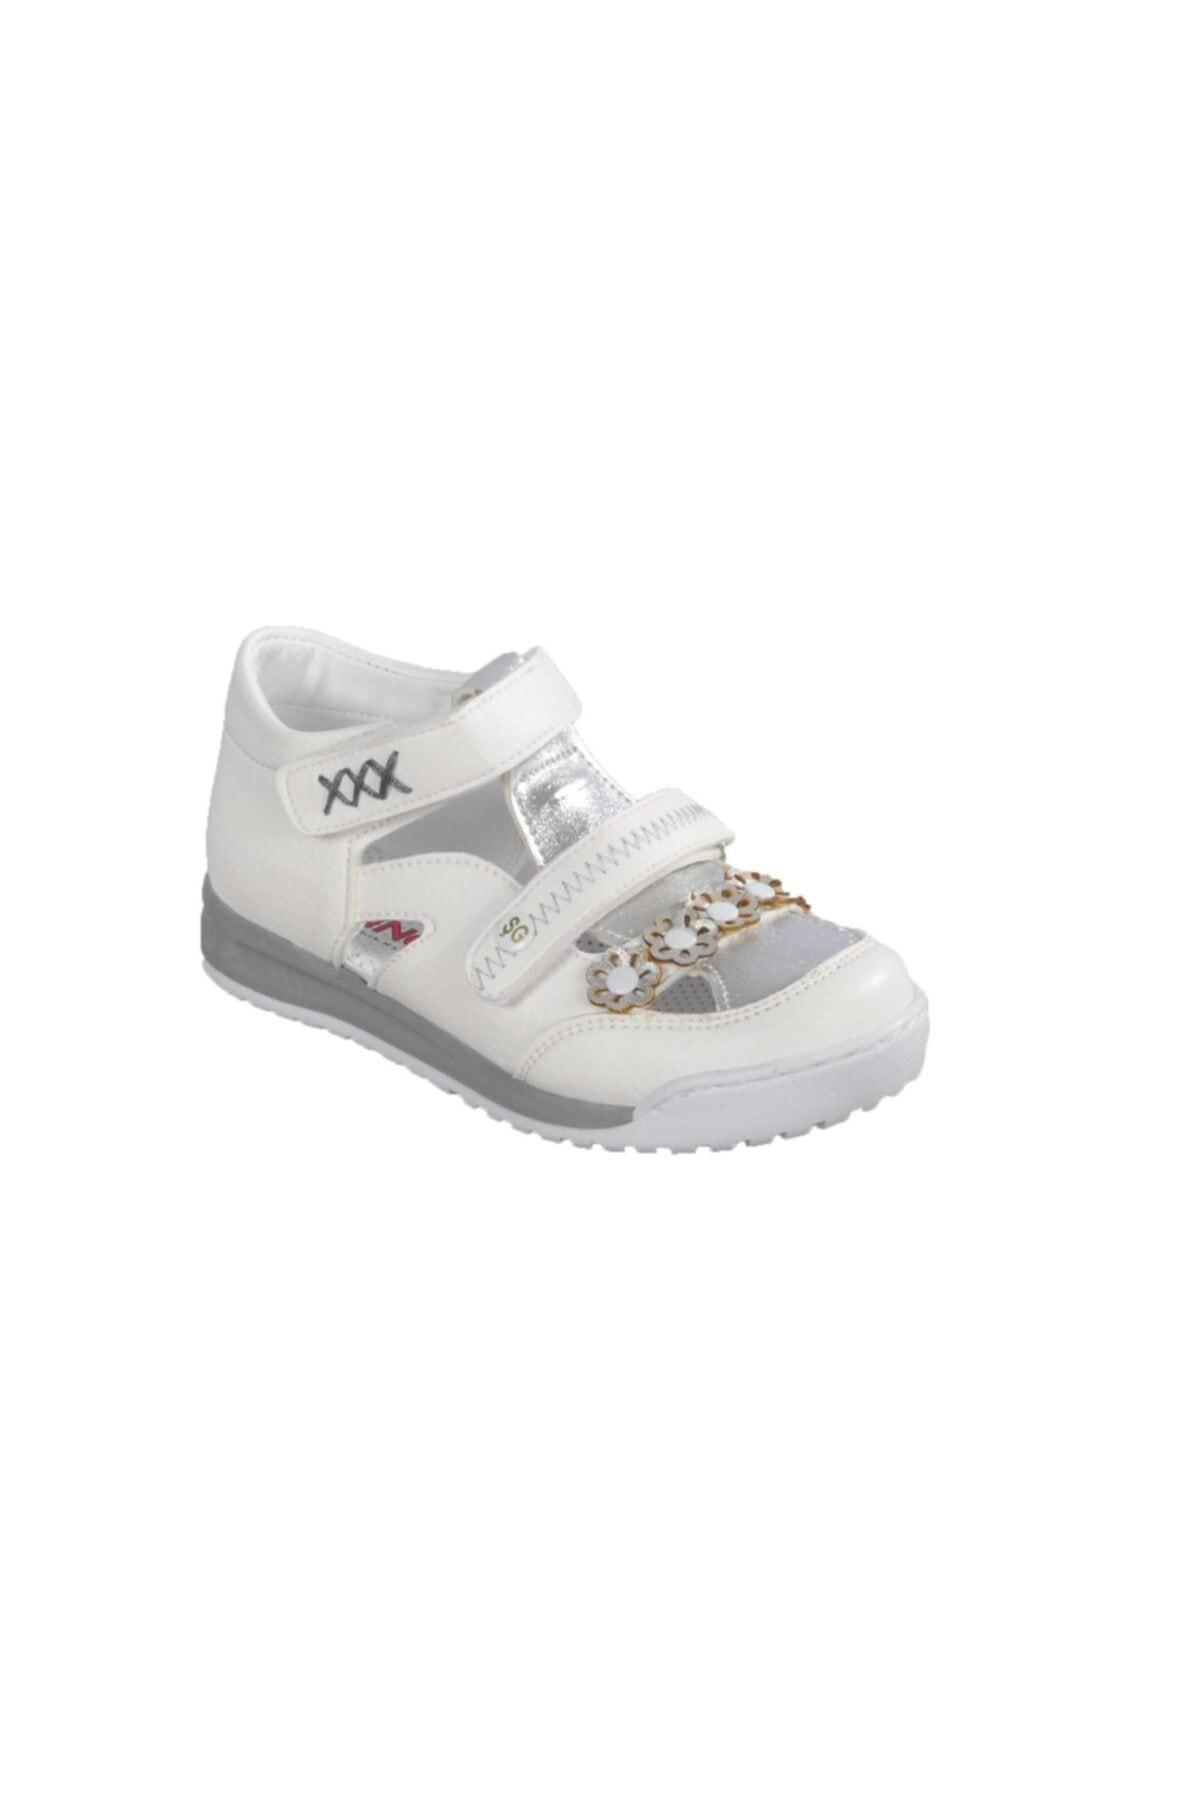 011 Beyaz-gümüş Çocuk Günlük Ayakkabı